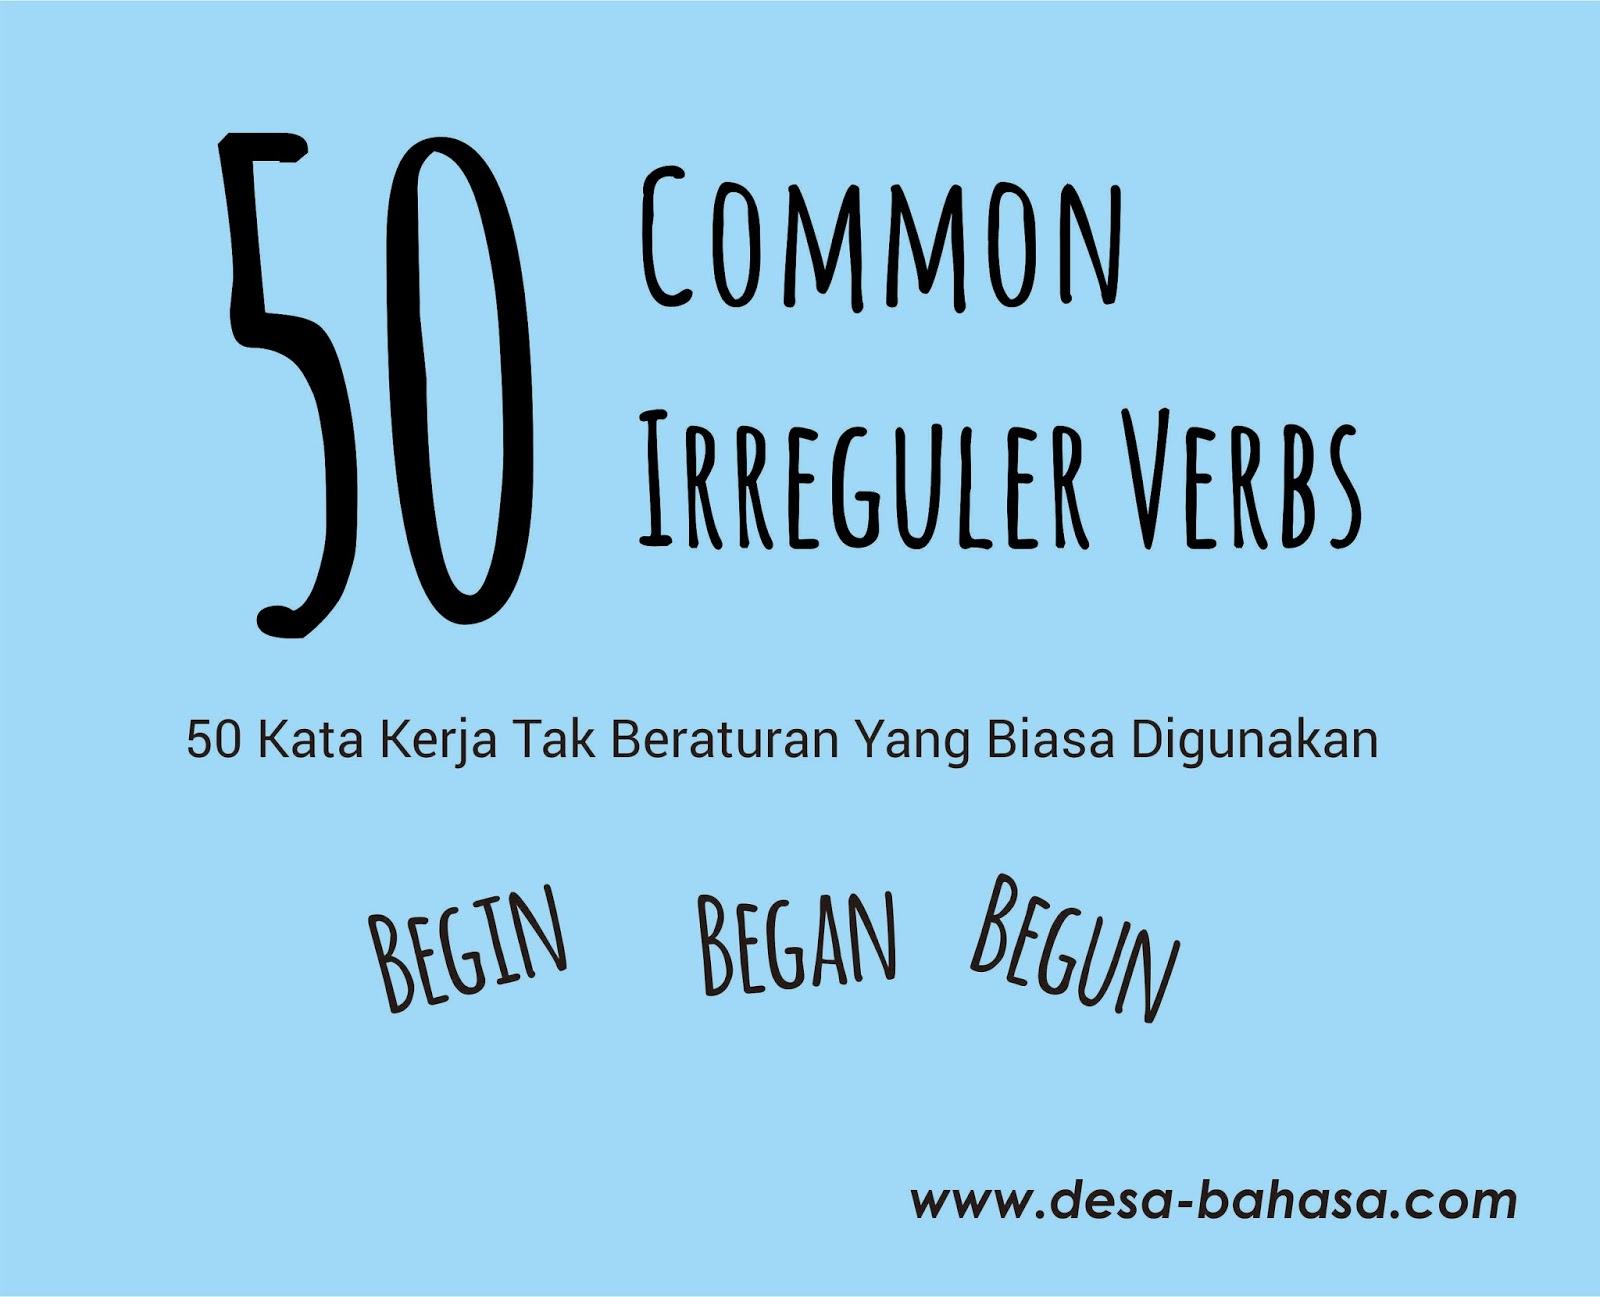 50 Common Irreguler Verbs  Kata Kerja Tak Beraturan  Yang